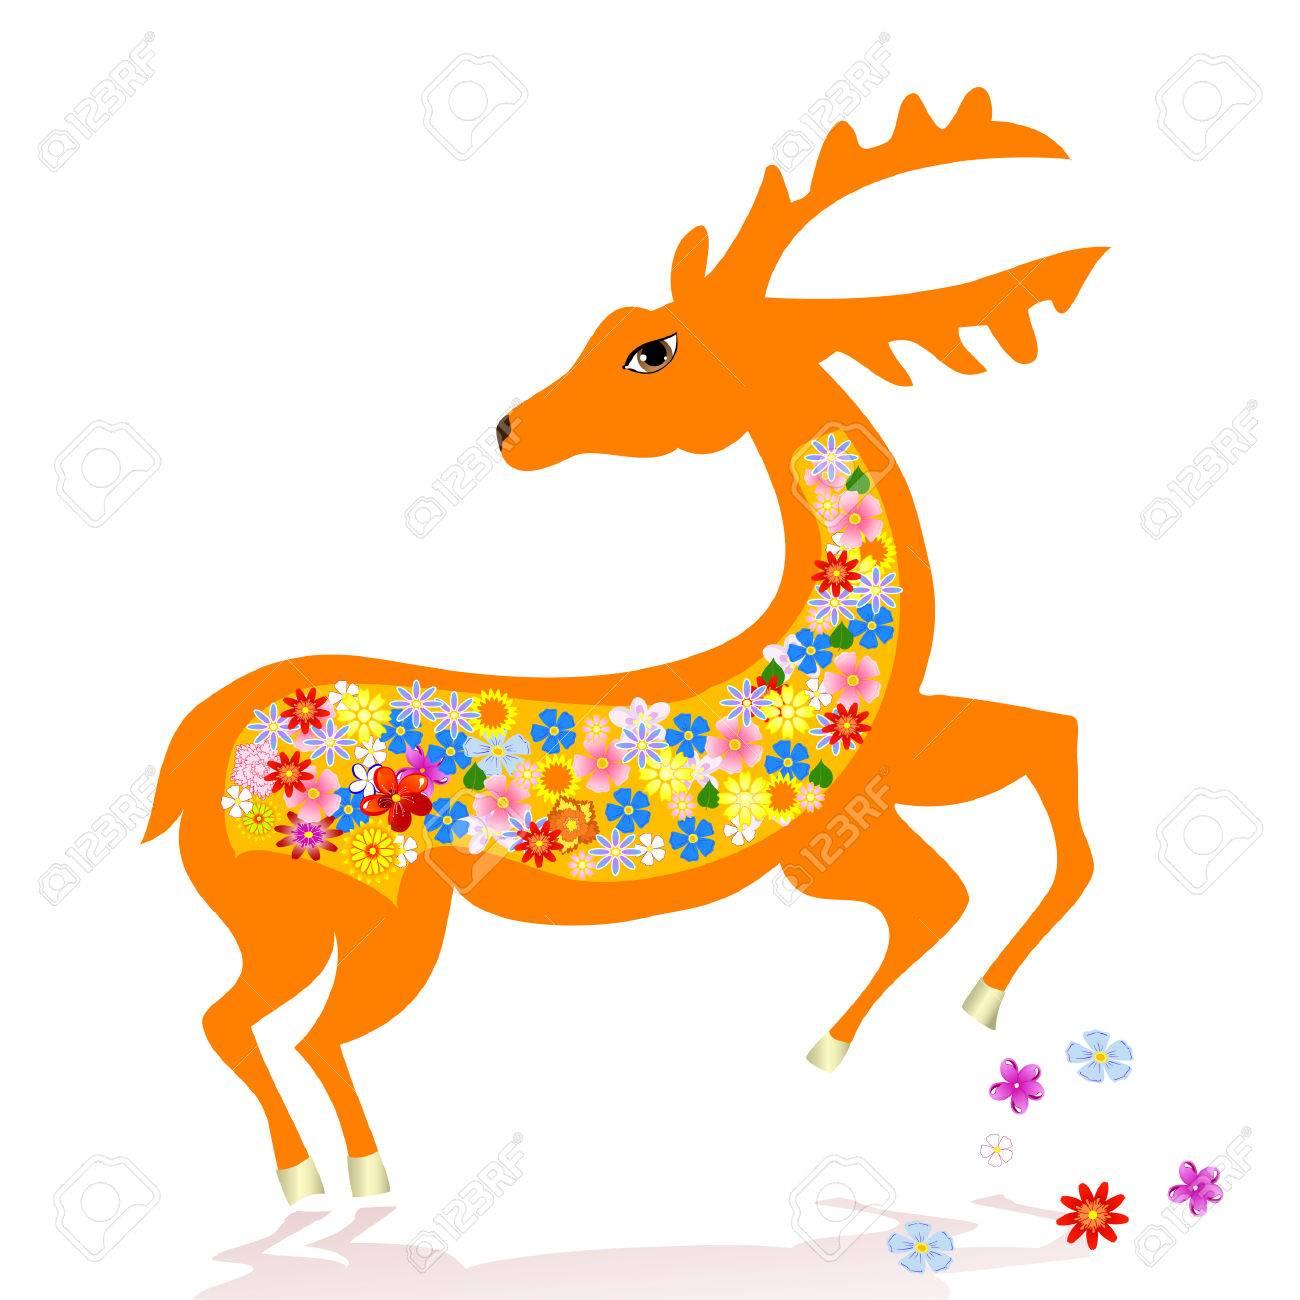 deer Stock Vector - 6320469